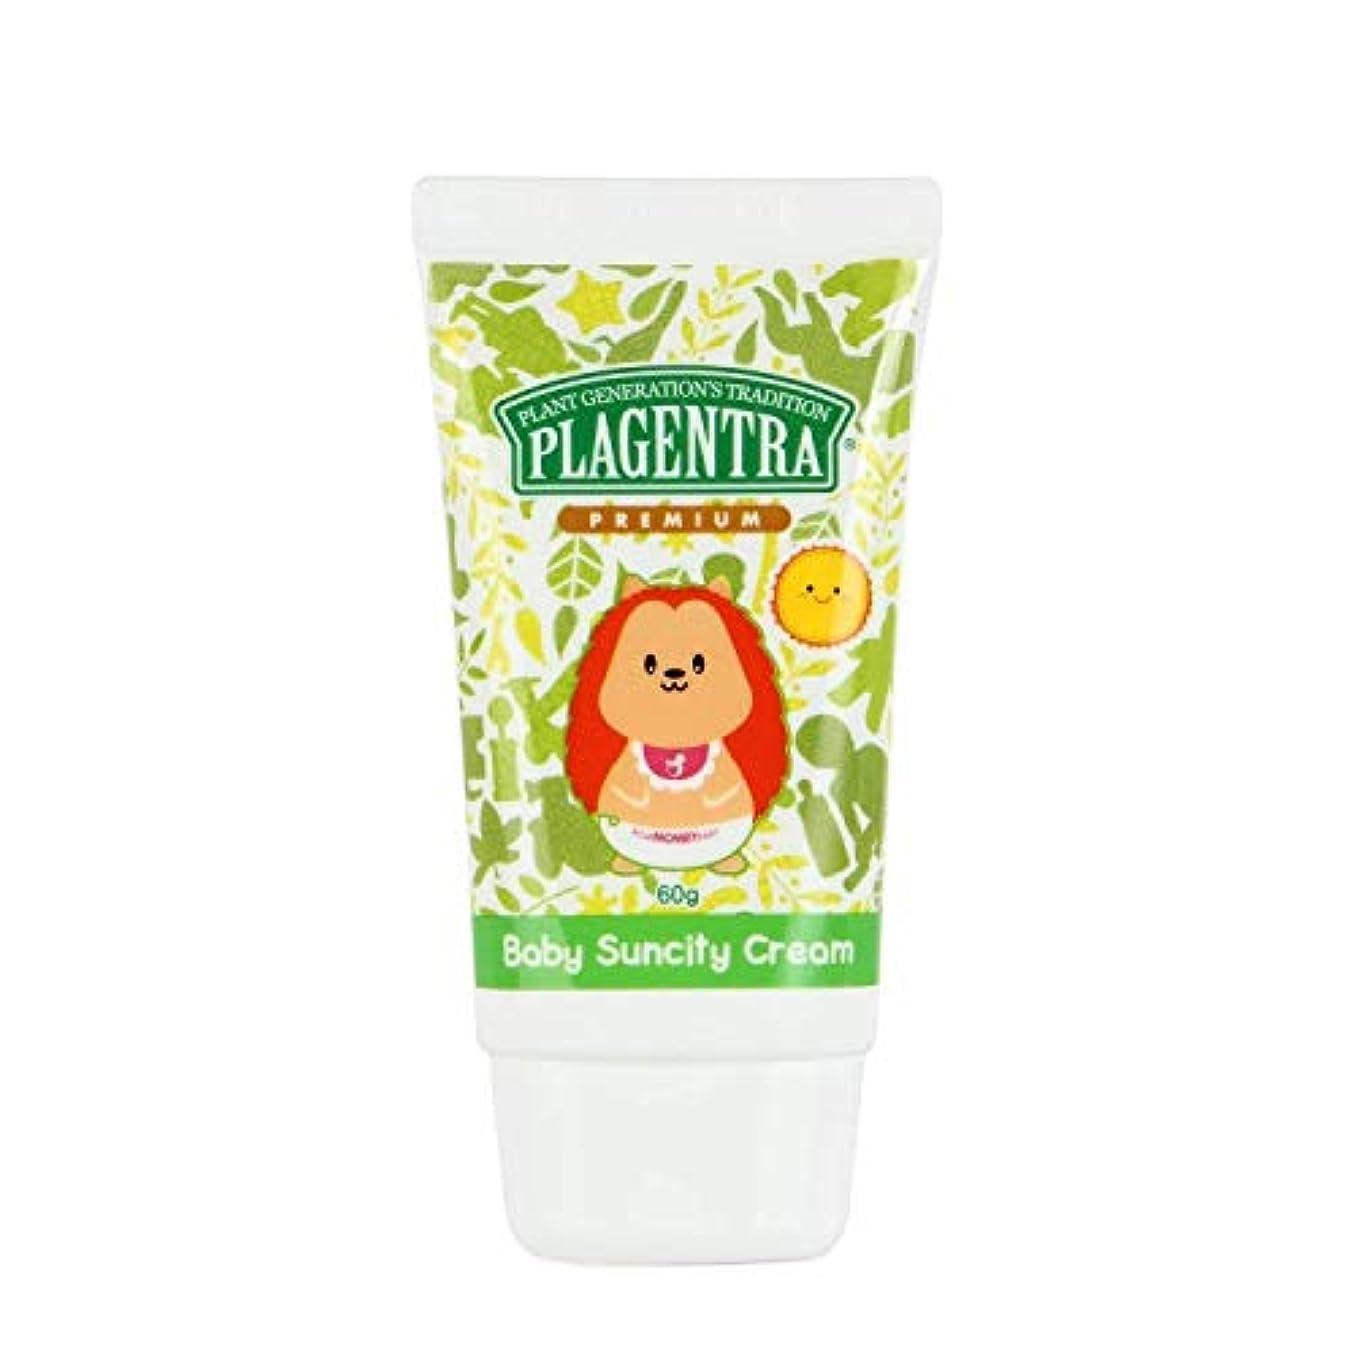 カイウス彼女の特定の[ PLAGENTRA ] Baby Suncity Cream (60g) Natural Sunscreen 韓国 日焼け止め